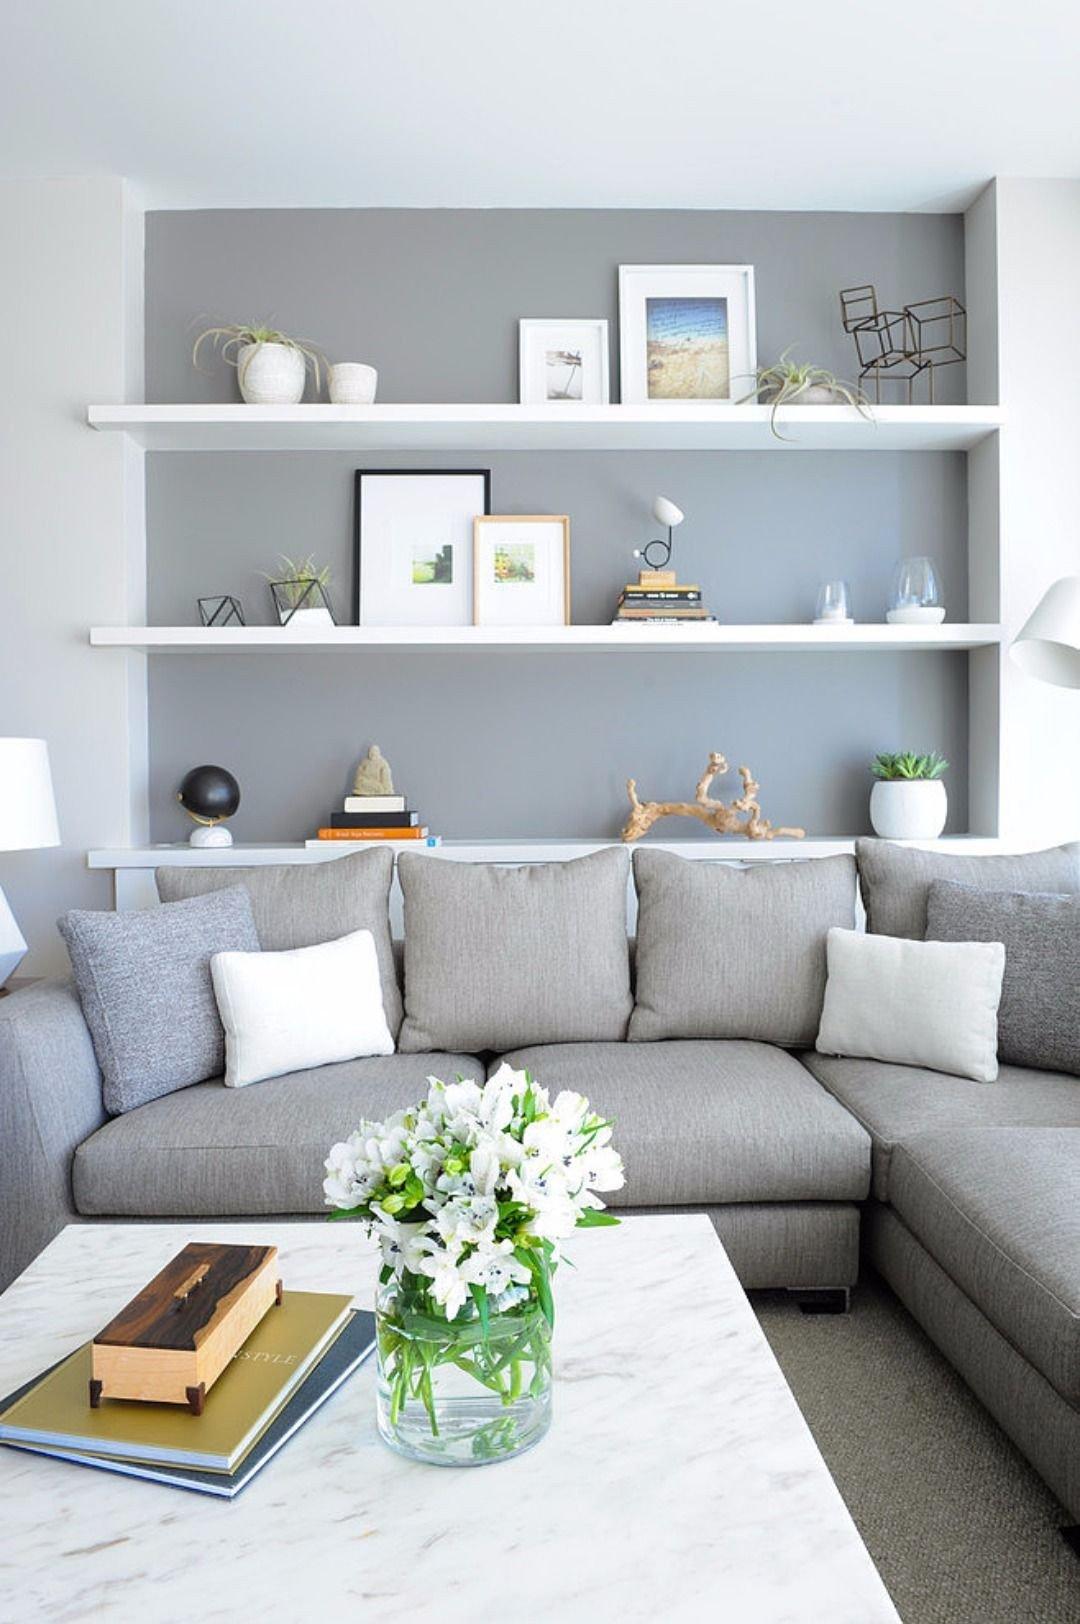 Living Room Ideas Shelves Best Of 10 Tips for the Best Scandinavian Living Room Decor